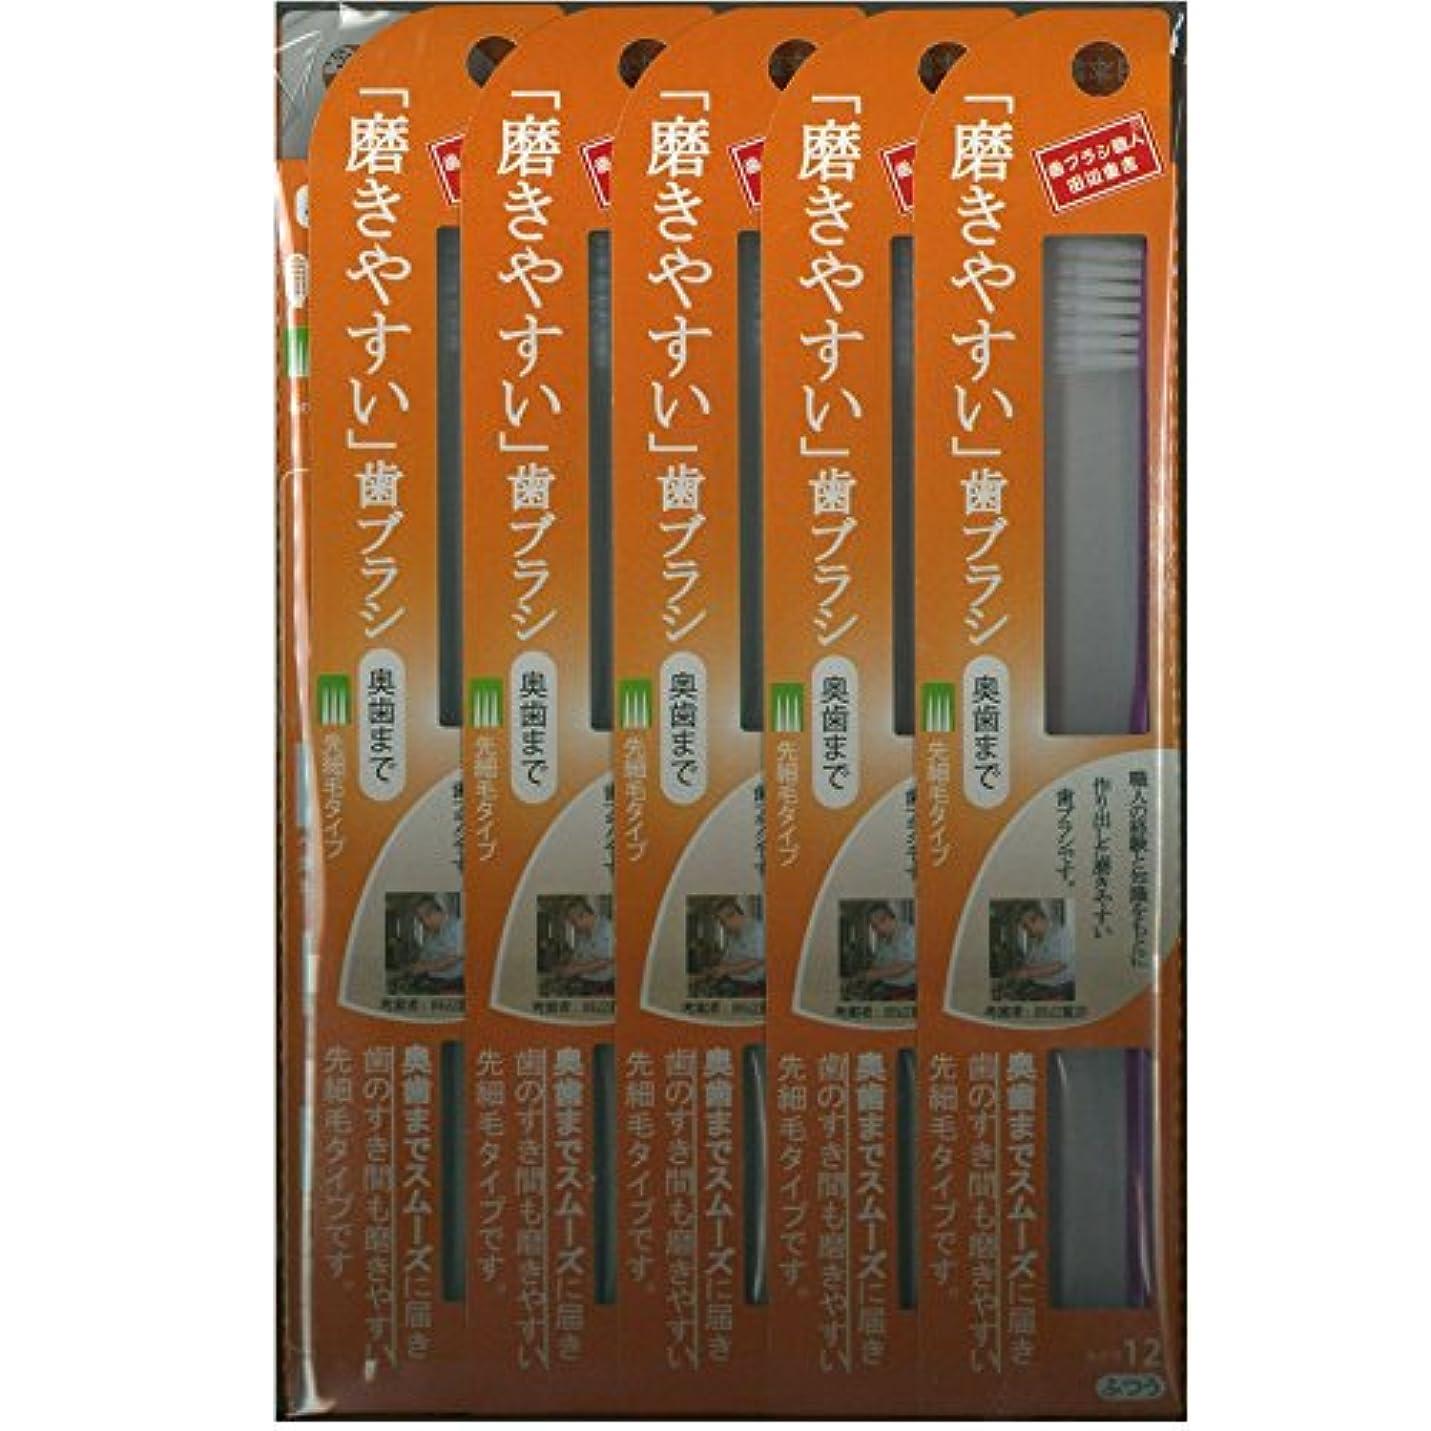 概して海里孤児磨きやすい歯ブラシ(奥歯まで)先細 LT-12×12本セット( ピンク×4本、ブルー×4本、グリーン×2本、パープル×2本)